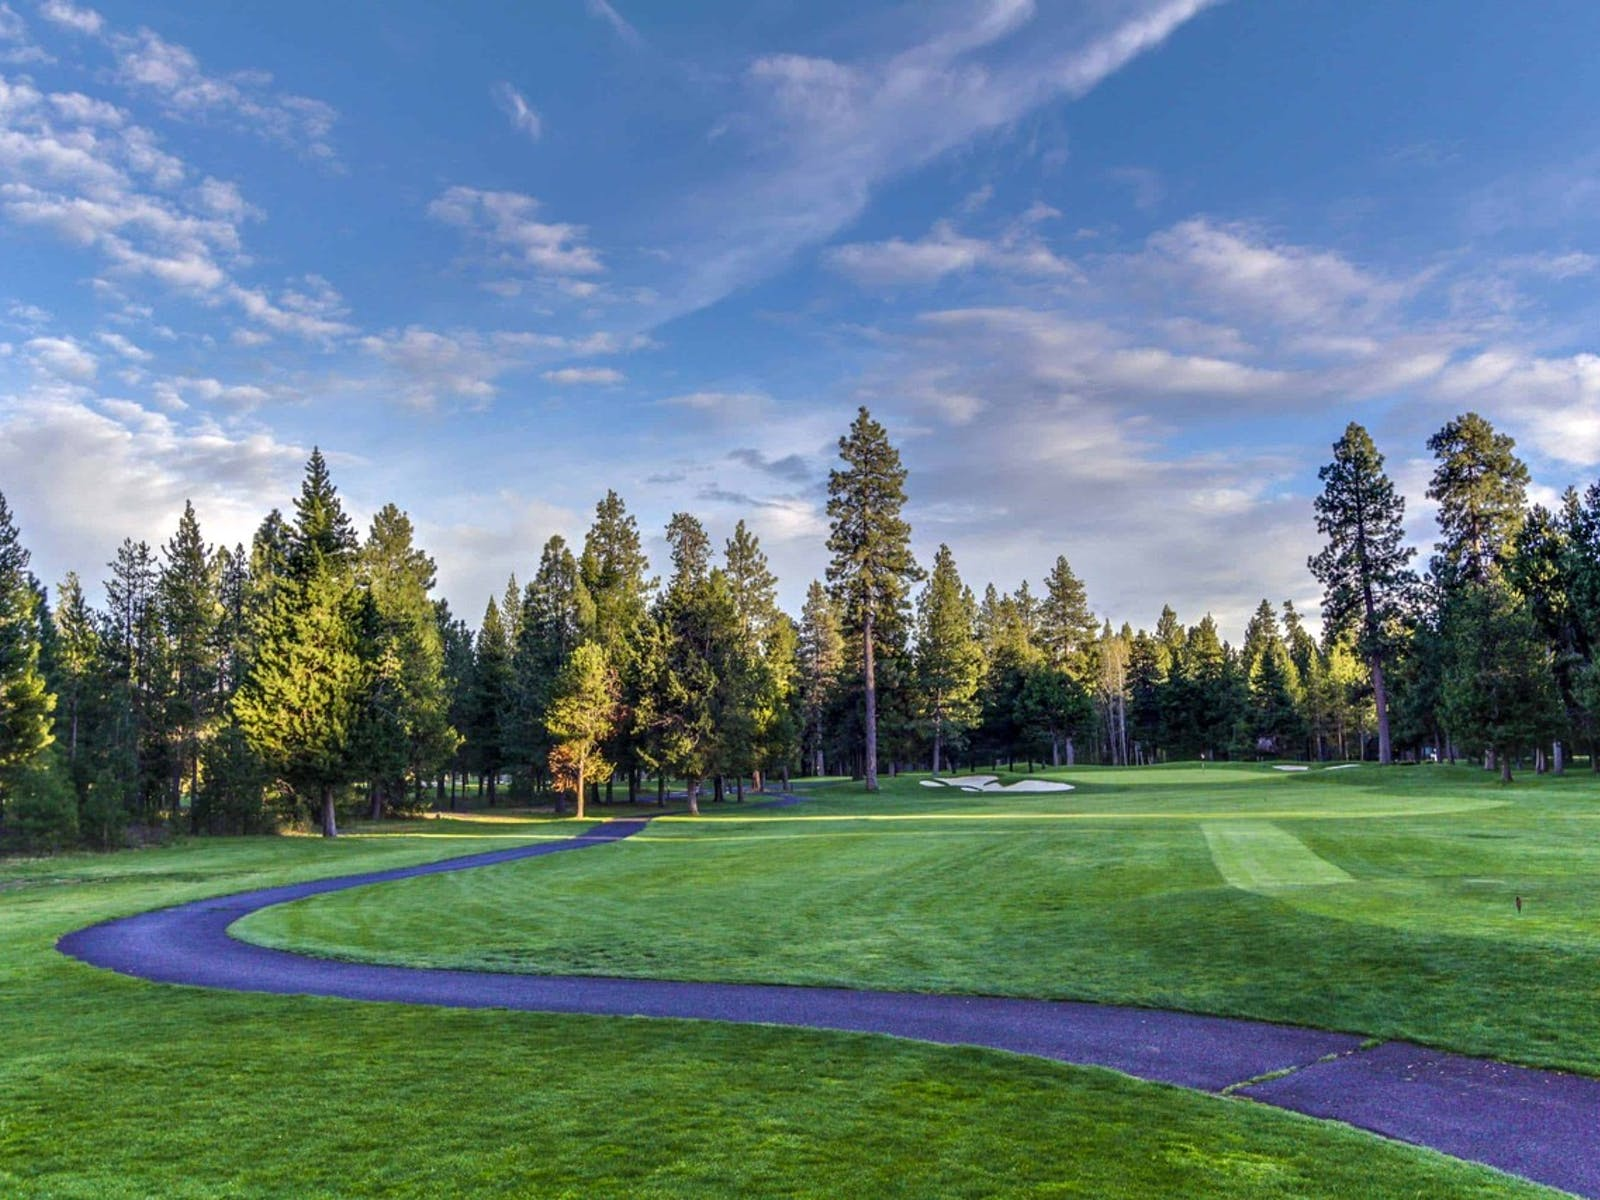 Golf course located in Sunriver